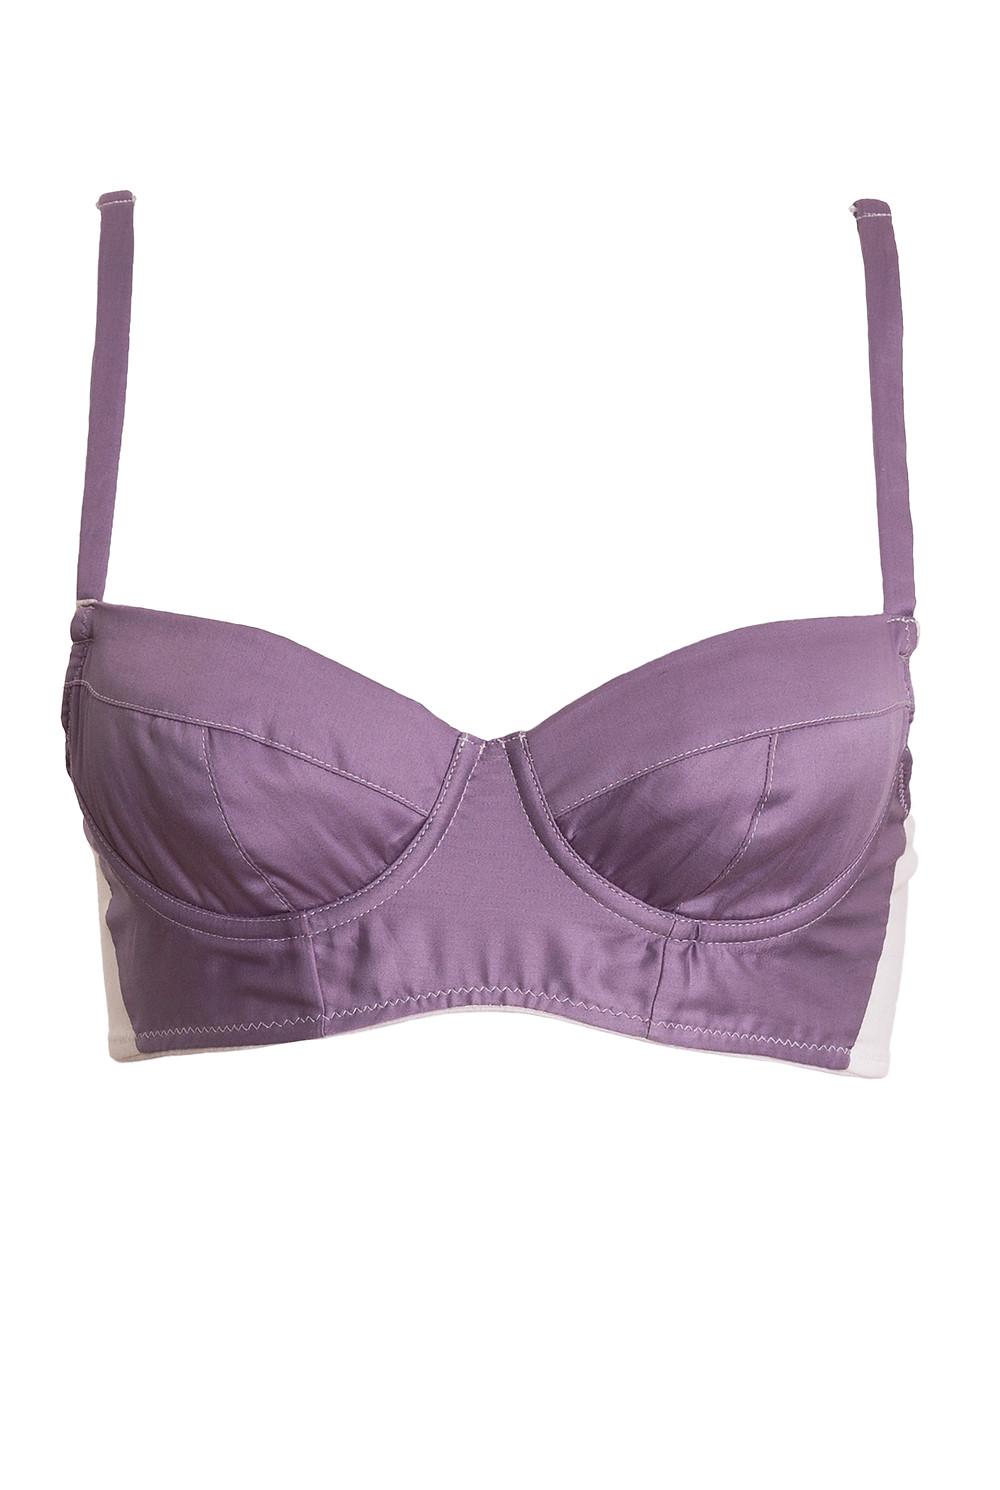 Organic cotton bra